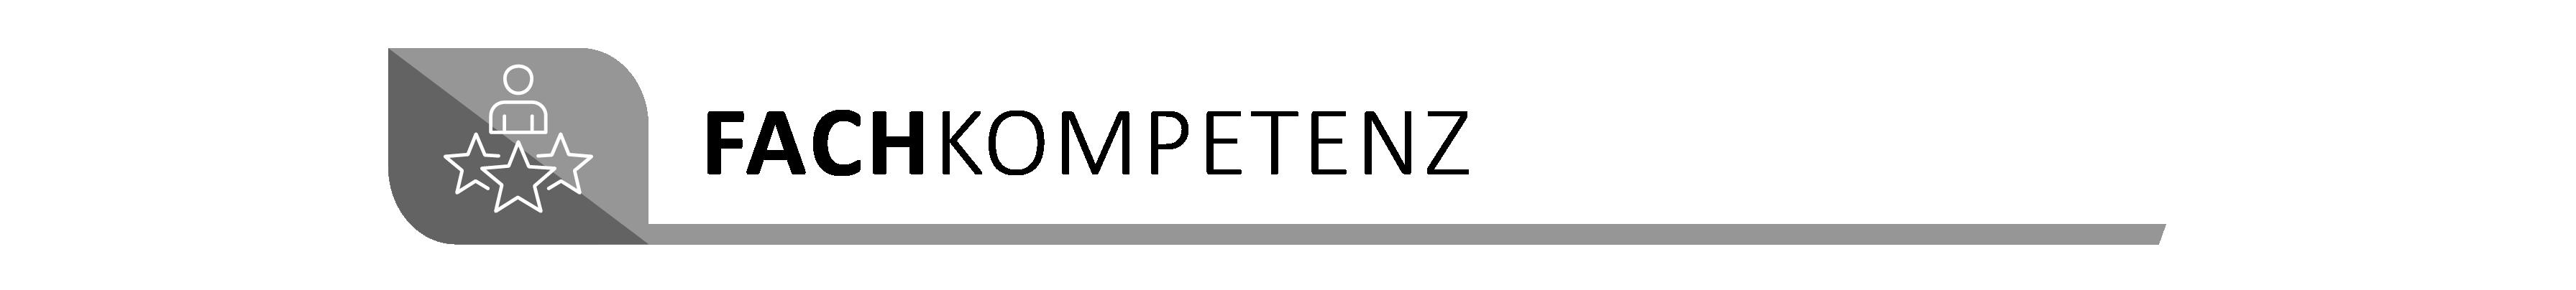 Zwischengrafik_Fachkompetenz-Pastell